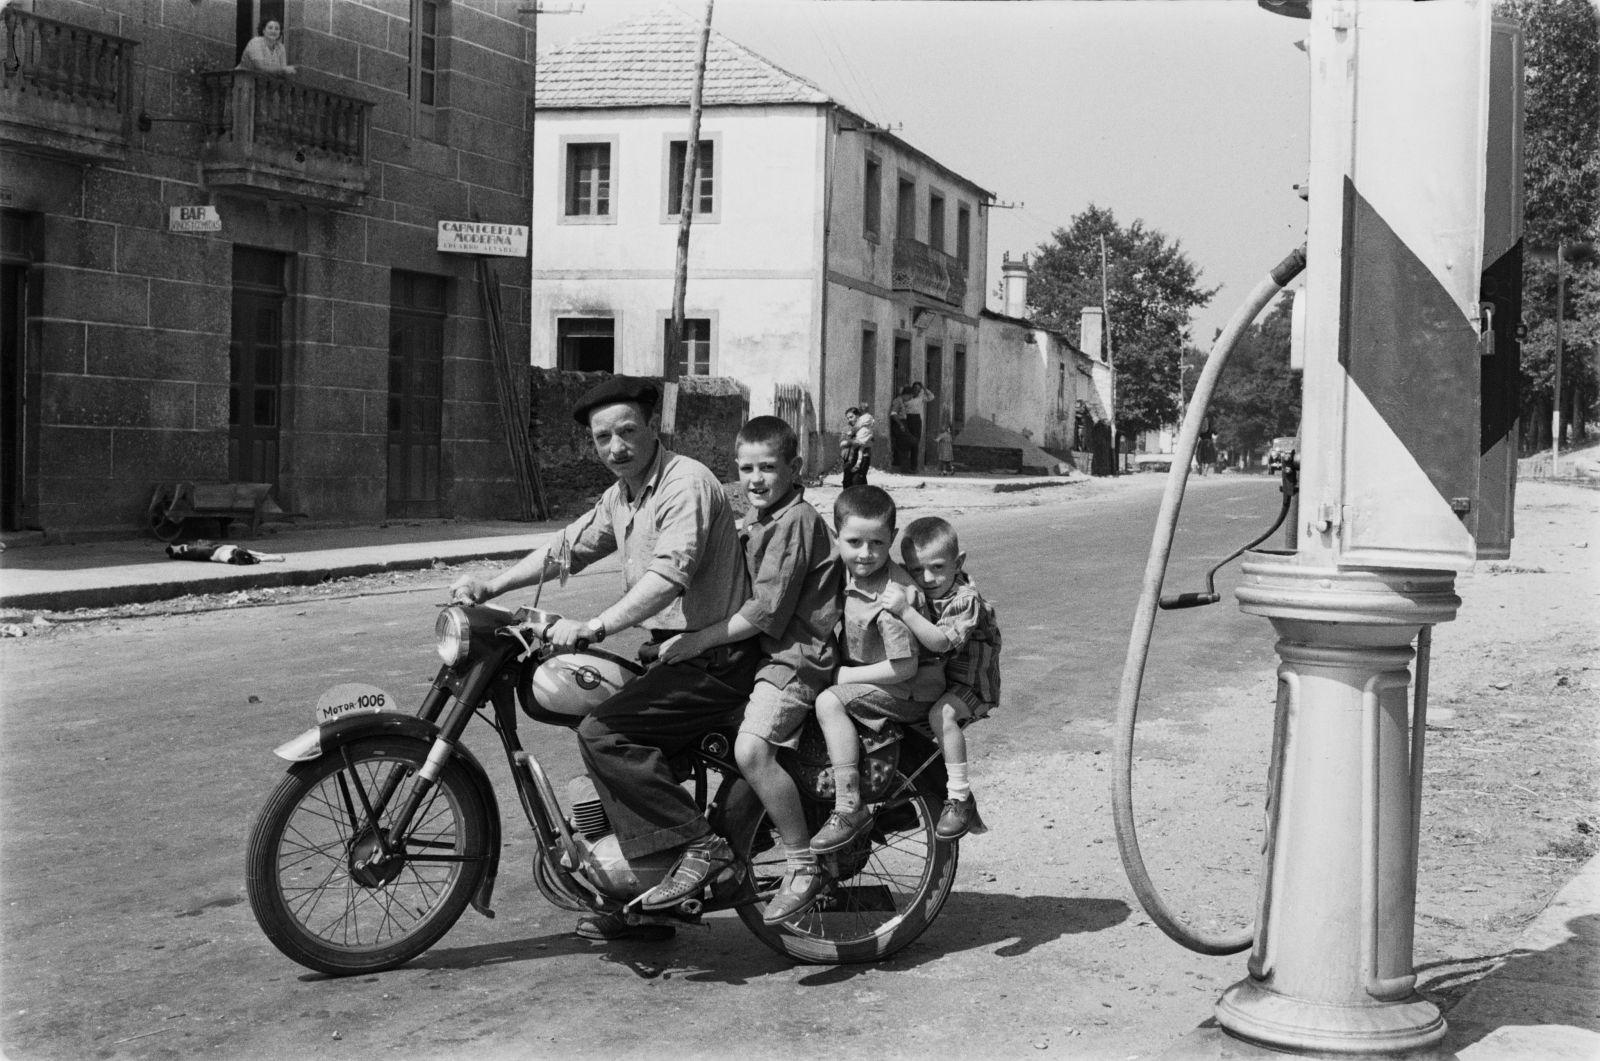 Virxilio Vieitez - Fermín, Avelino, Bautista y Pepiño en Soutelo de Montes, 1957